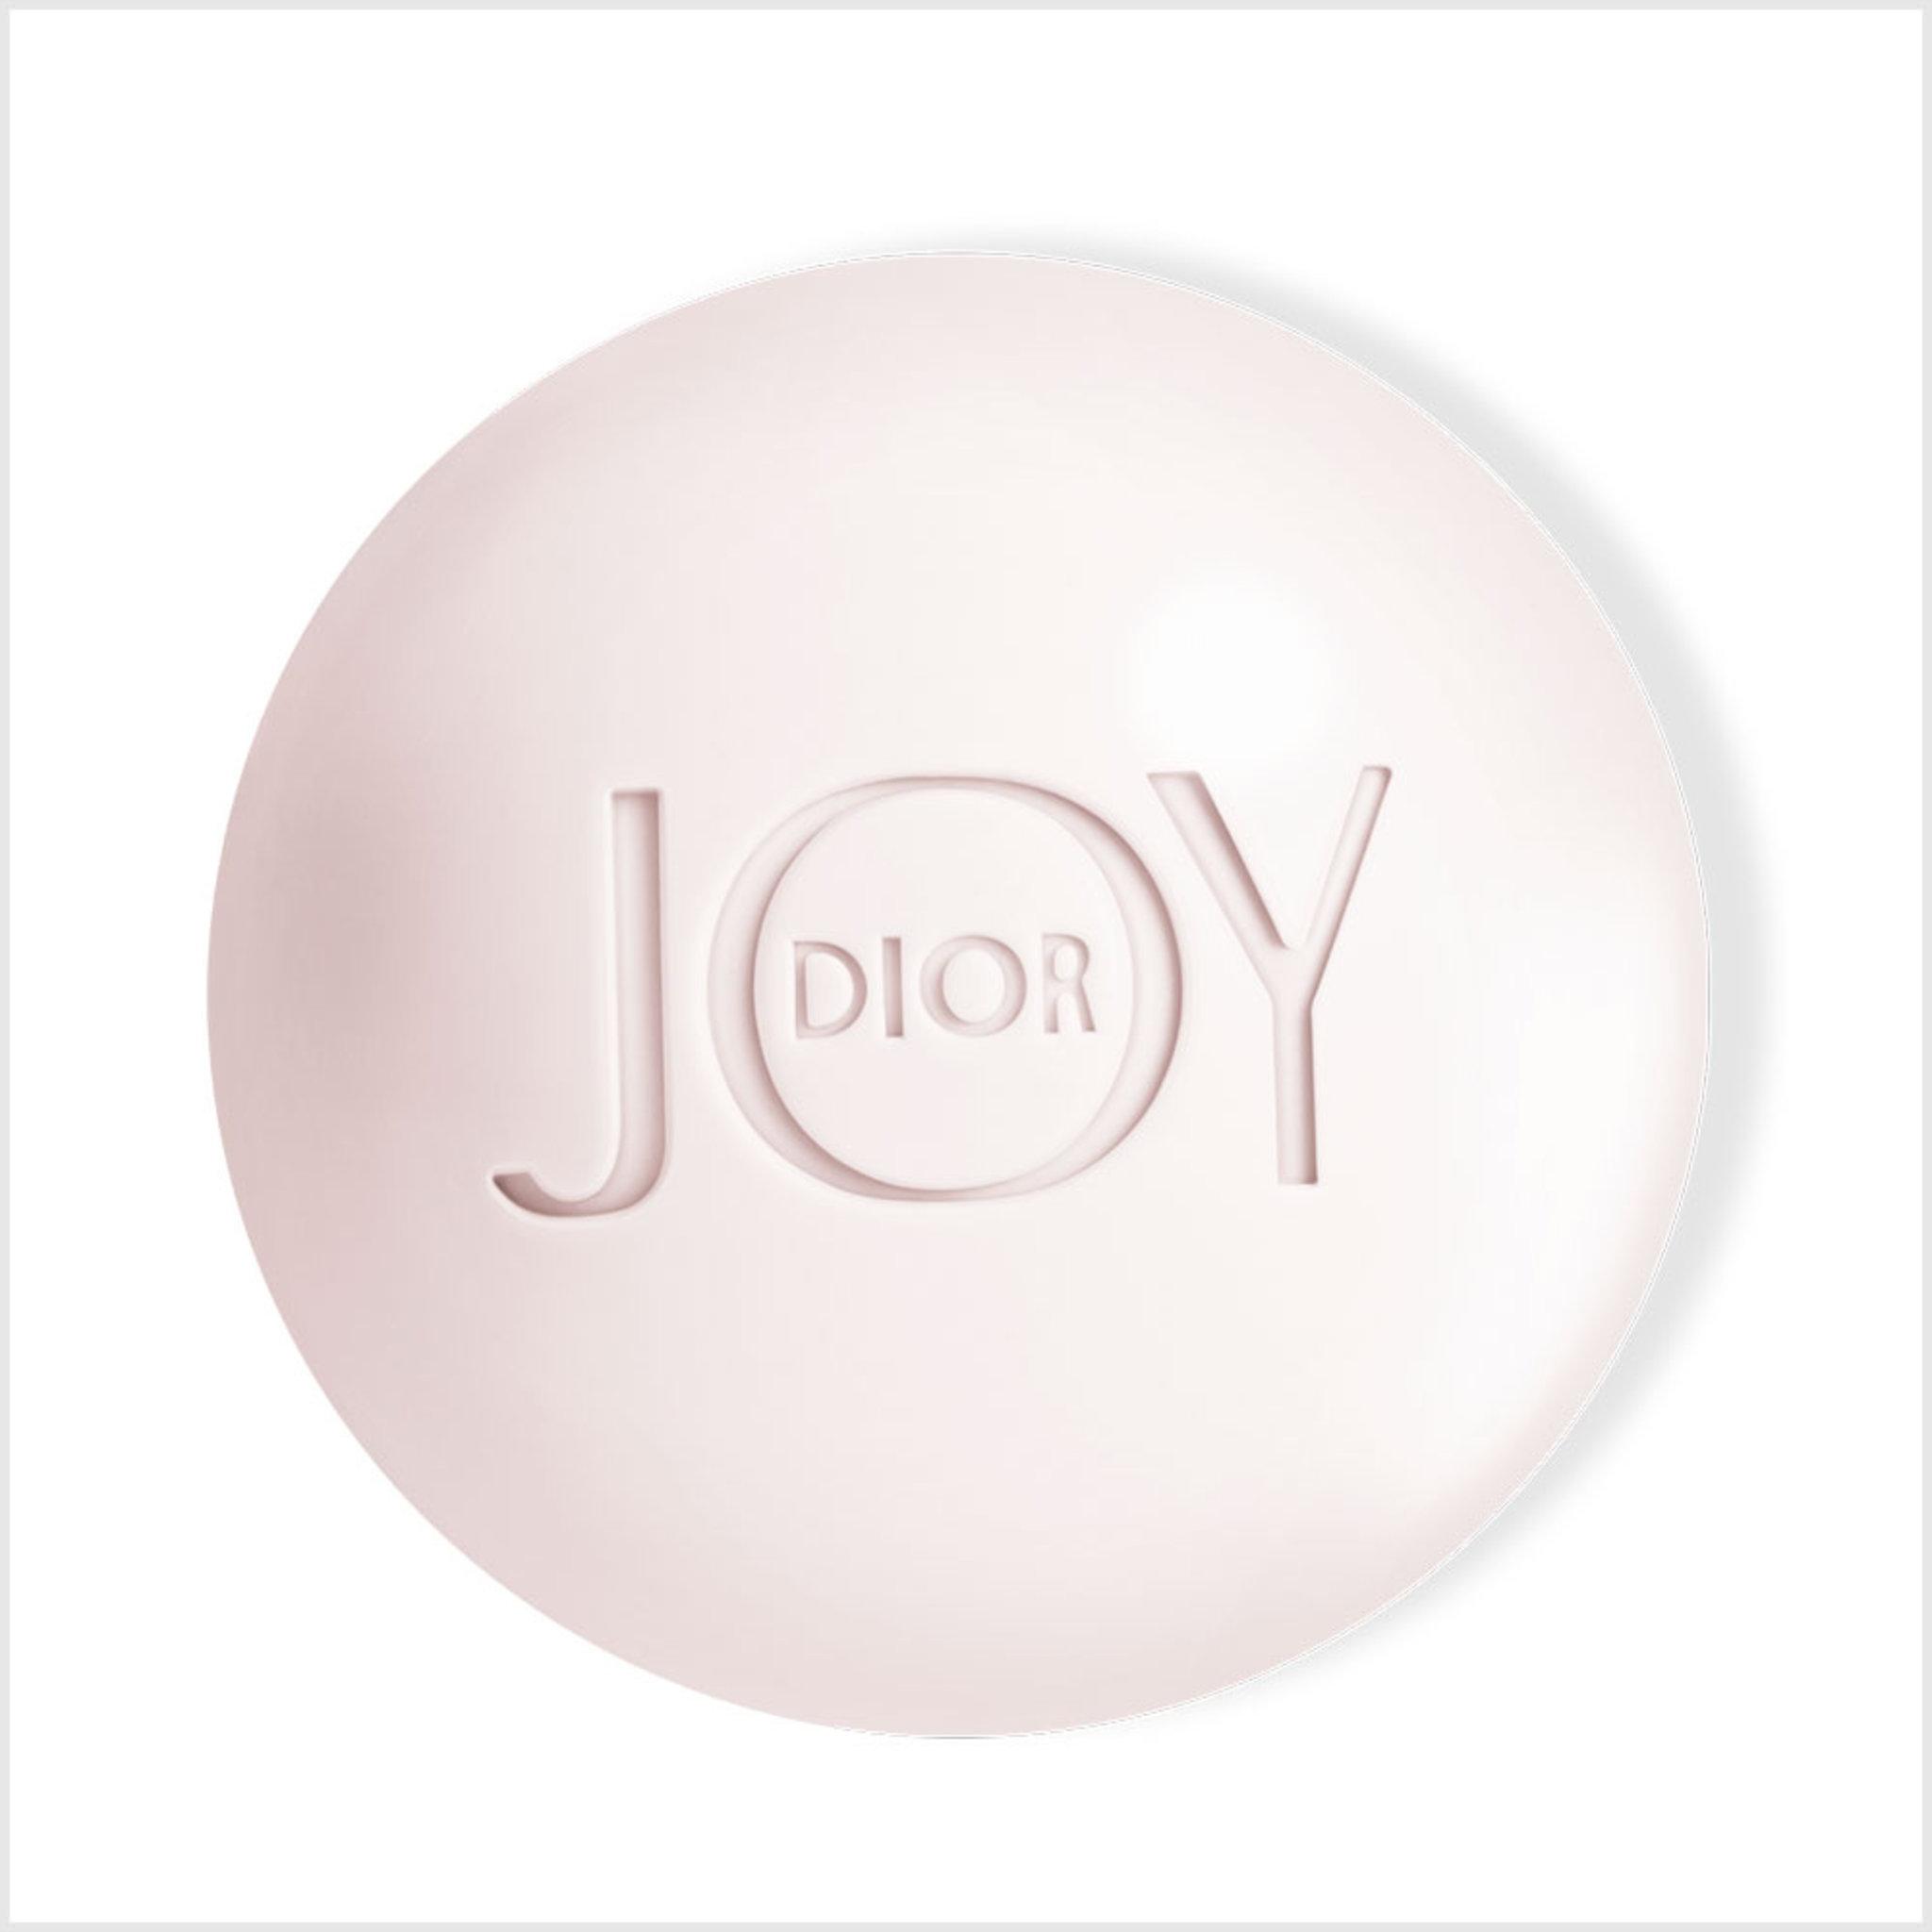 JOY by Dior Pearly Bath Soap, 110 G